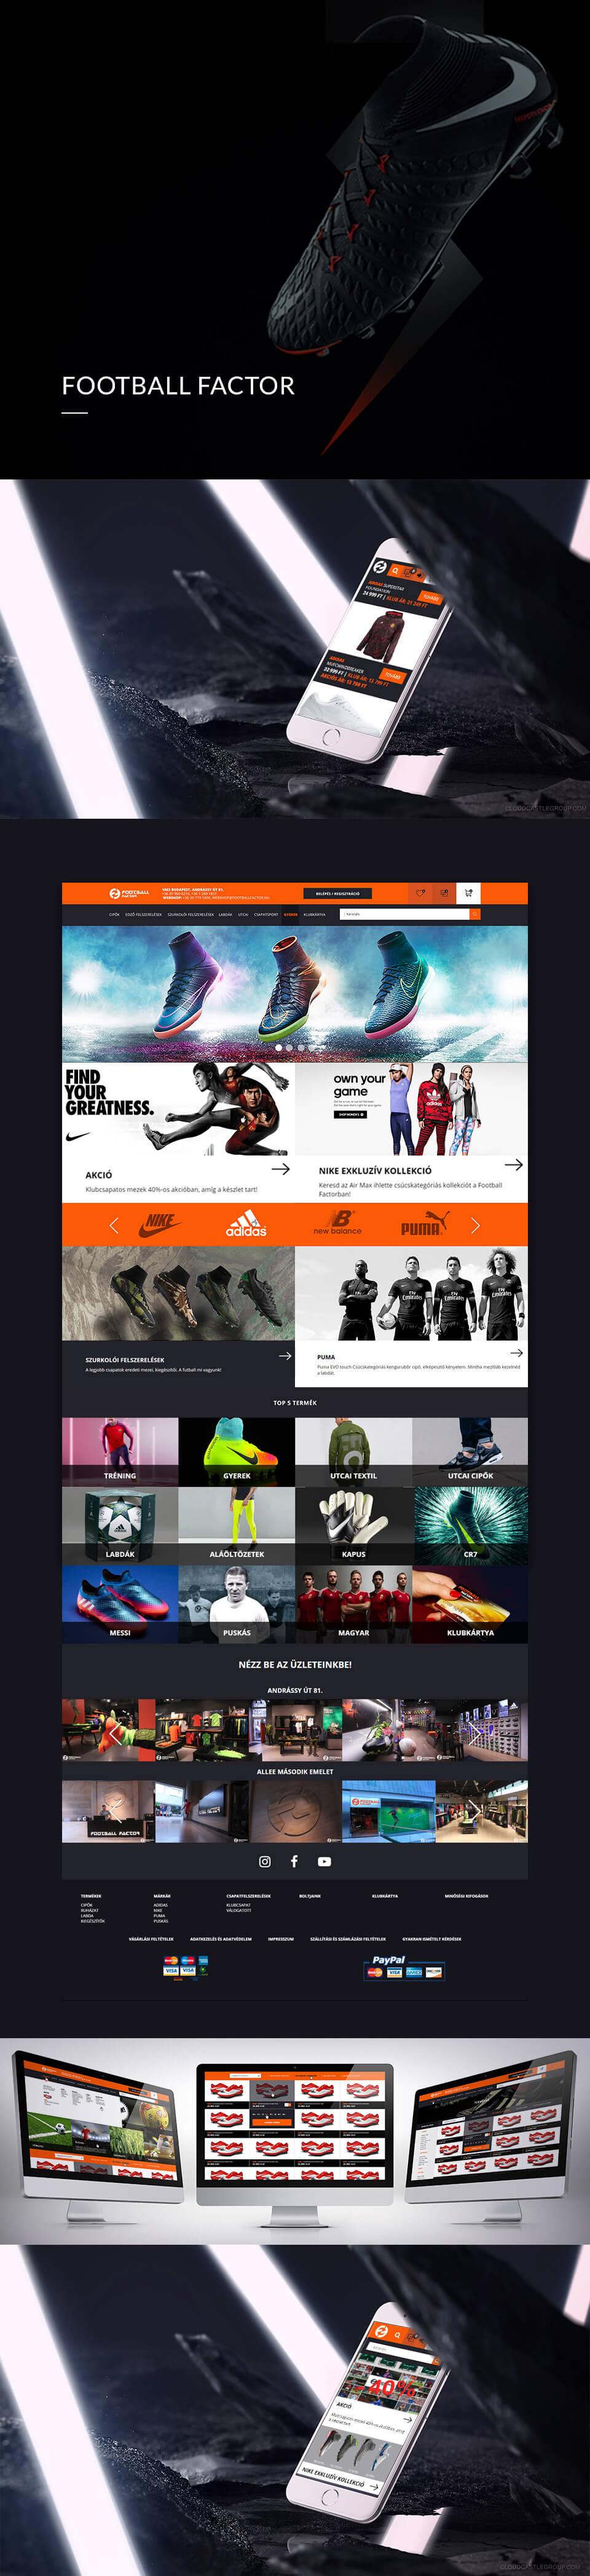 egyedi webshop